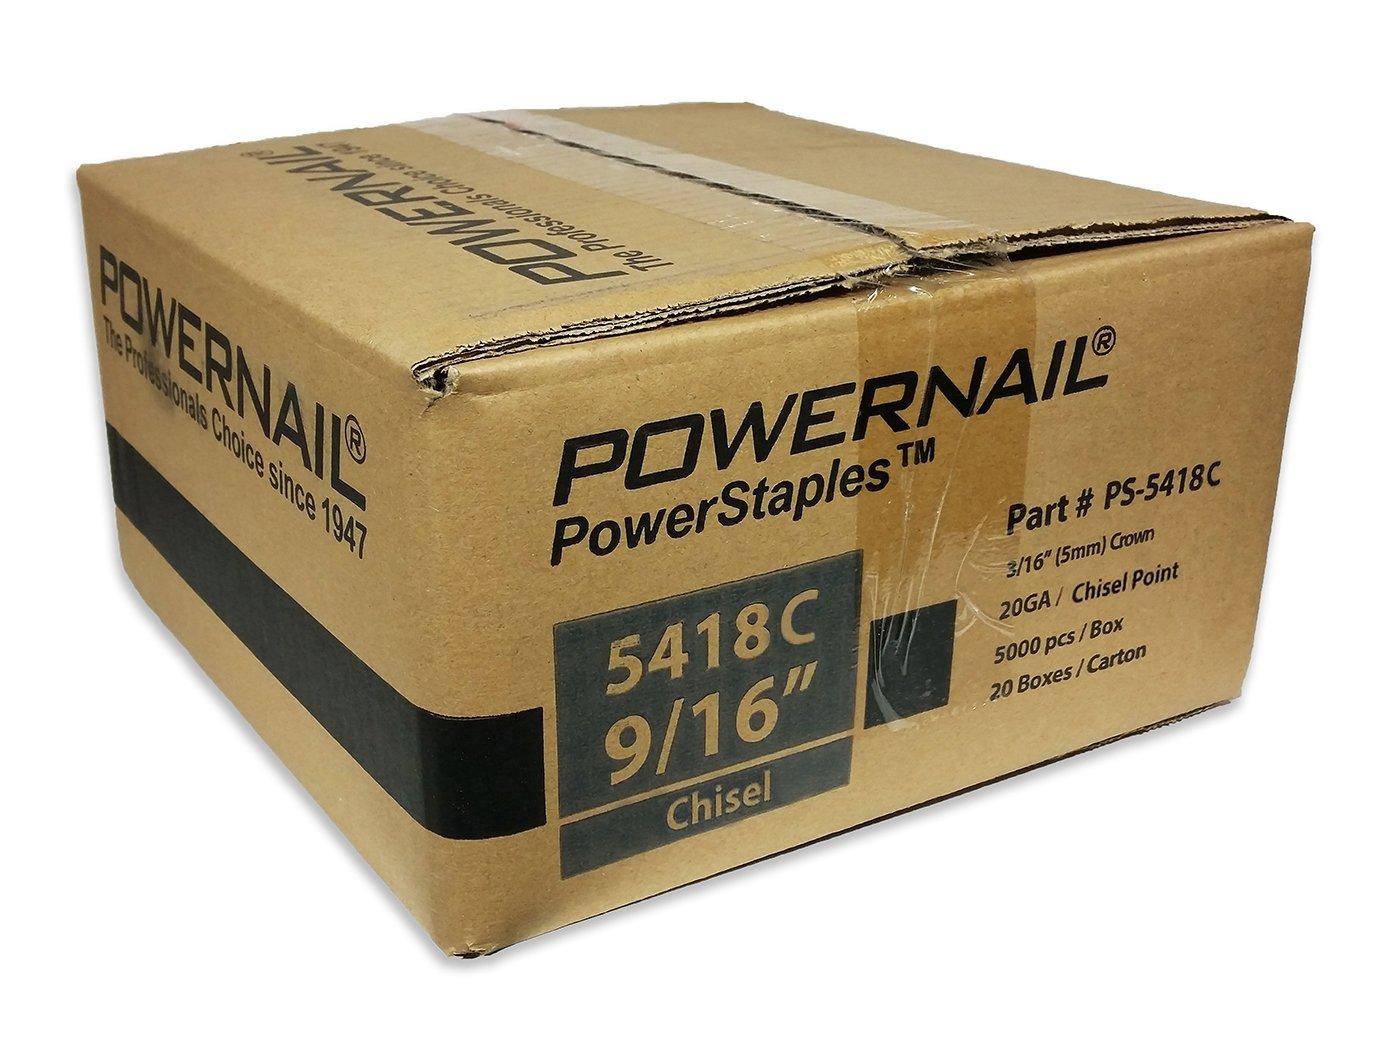 Powernail 20ga Chisel Point Staple. 3/16''crown x 9/16''long. Case of 20 boxes (5000ct per box) by Powernail